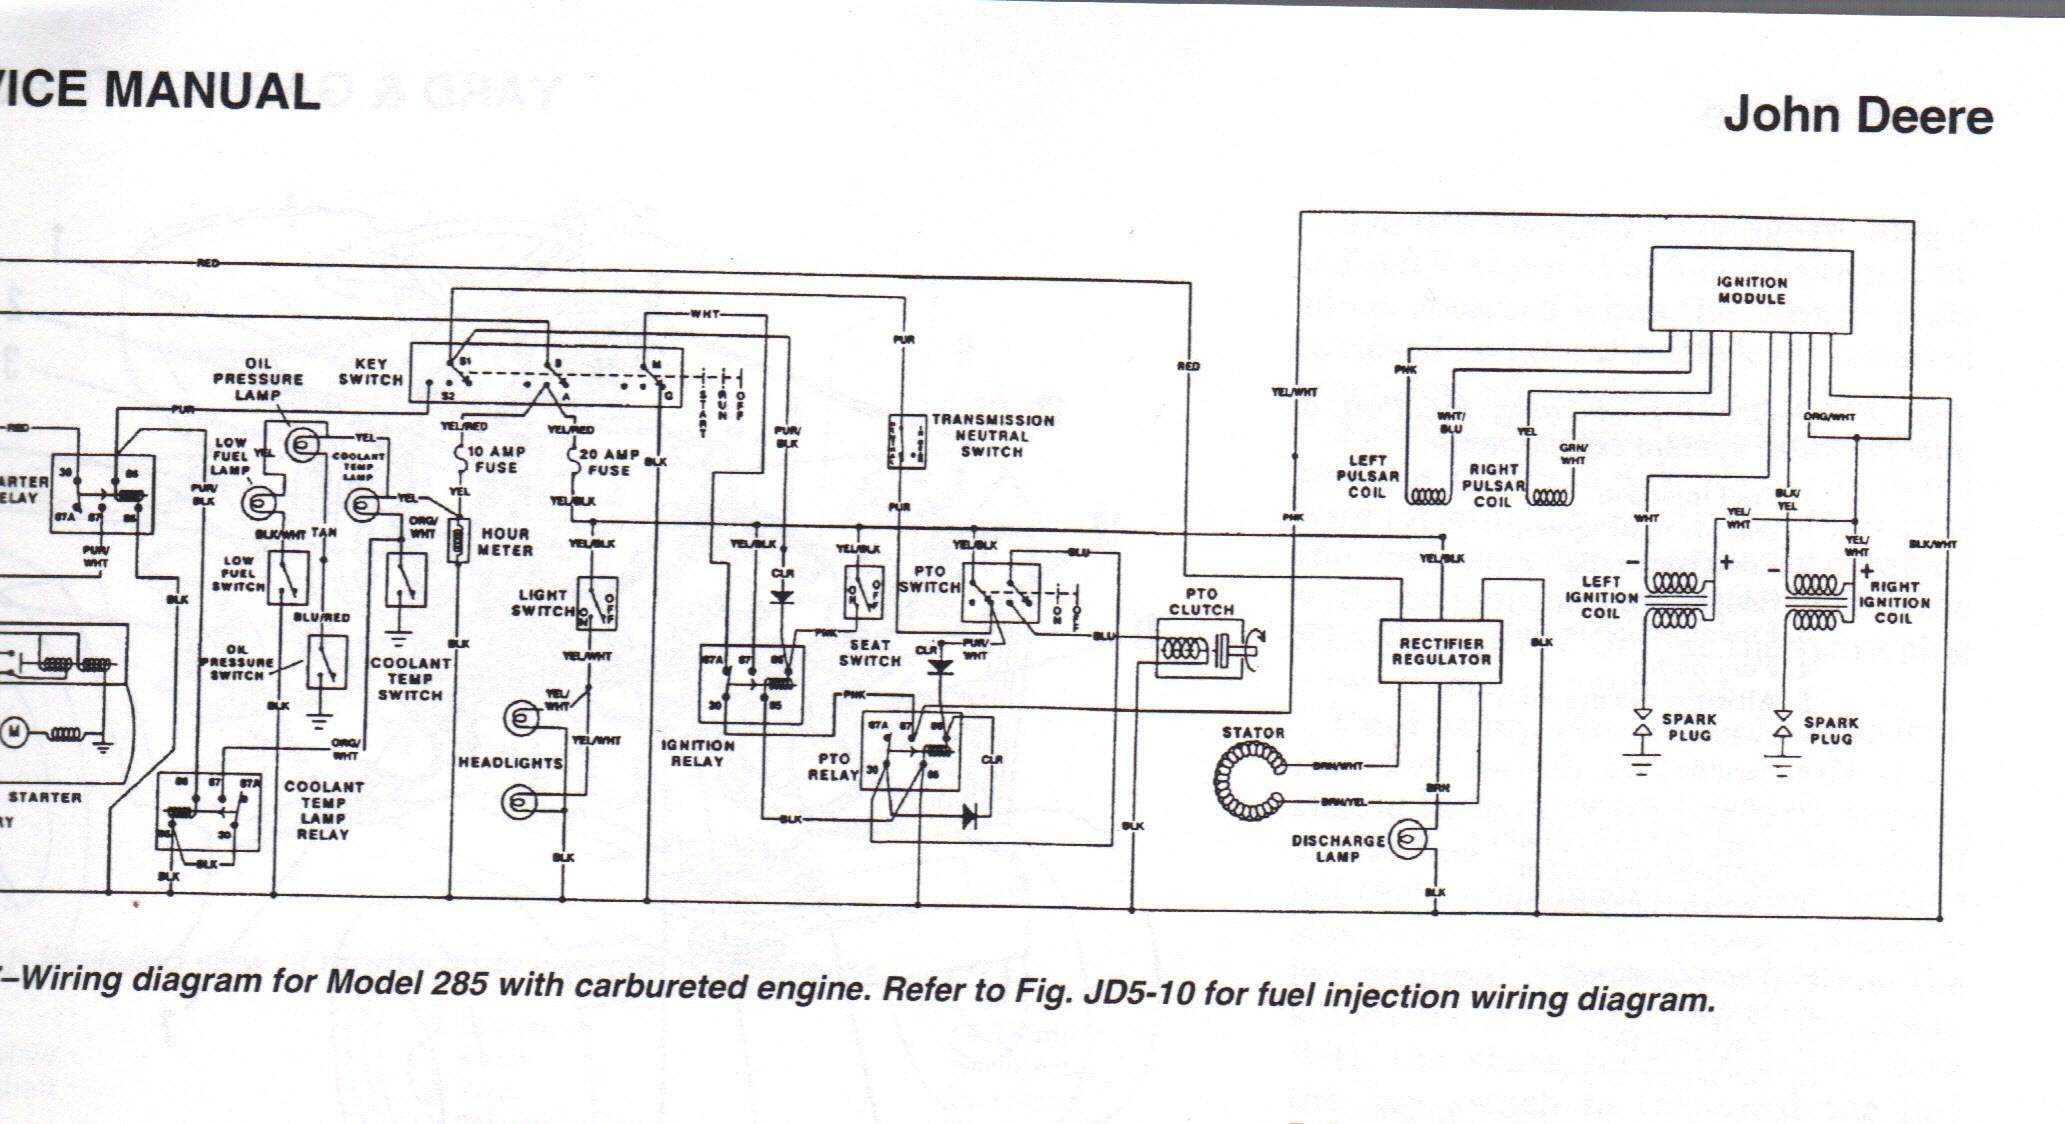 Late John Deere 12 Volt 4020 Diesl Wiring Diagram Ww 1570] for John Deere 1050 Tractor Wiring Diagram Free Diagram Of Late John Deere 12 Volt 4020 Diesl Wiring Diagram